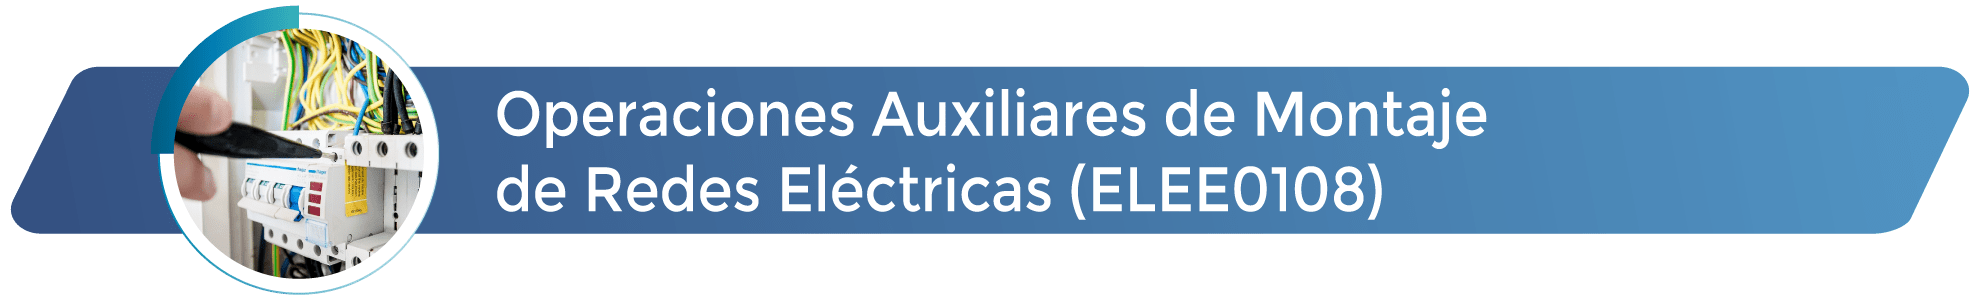 ELEE0108 - Operaciones Auxiliares de Montaje de Redes Eléctricas